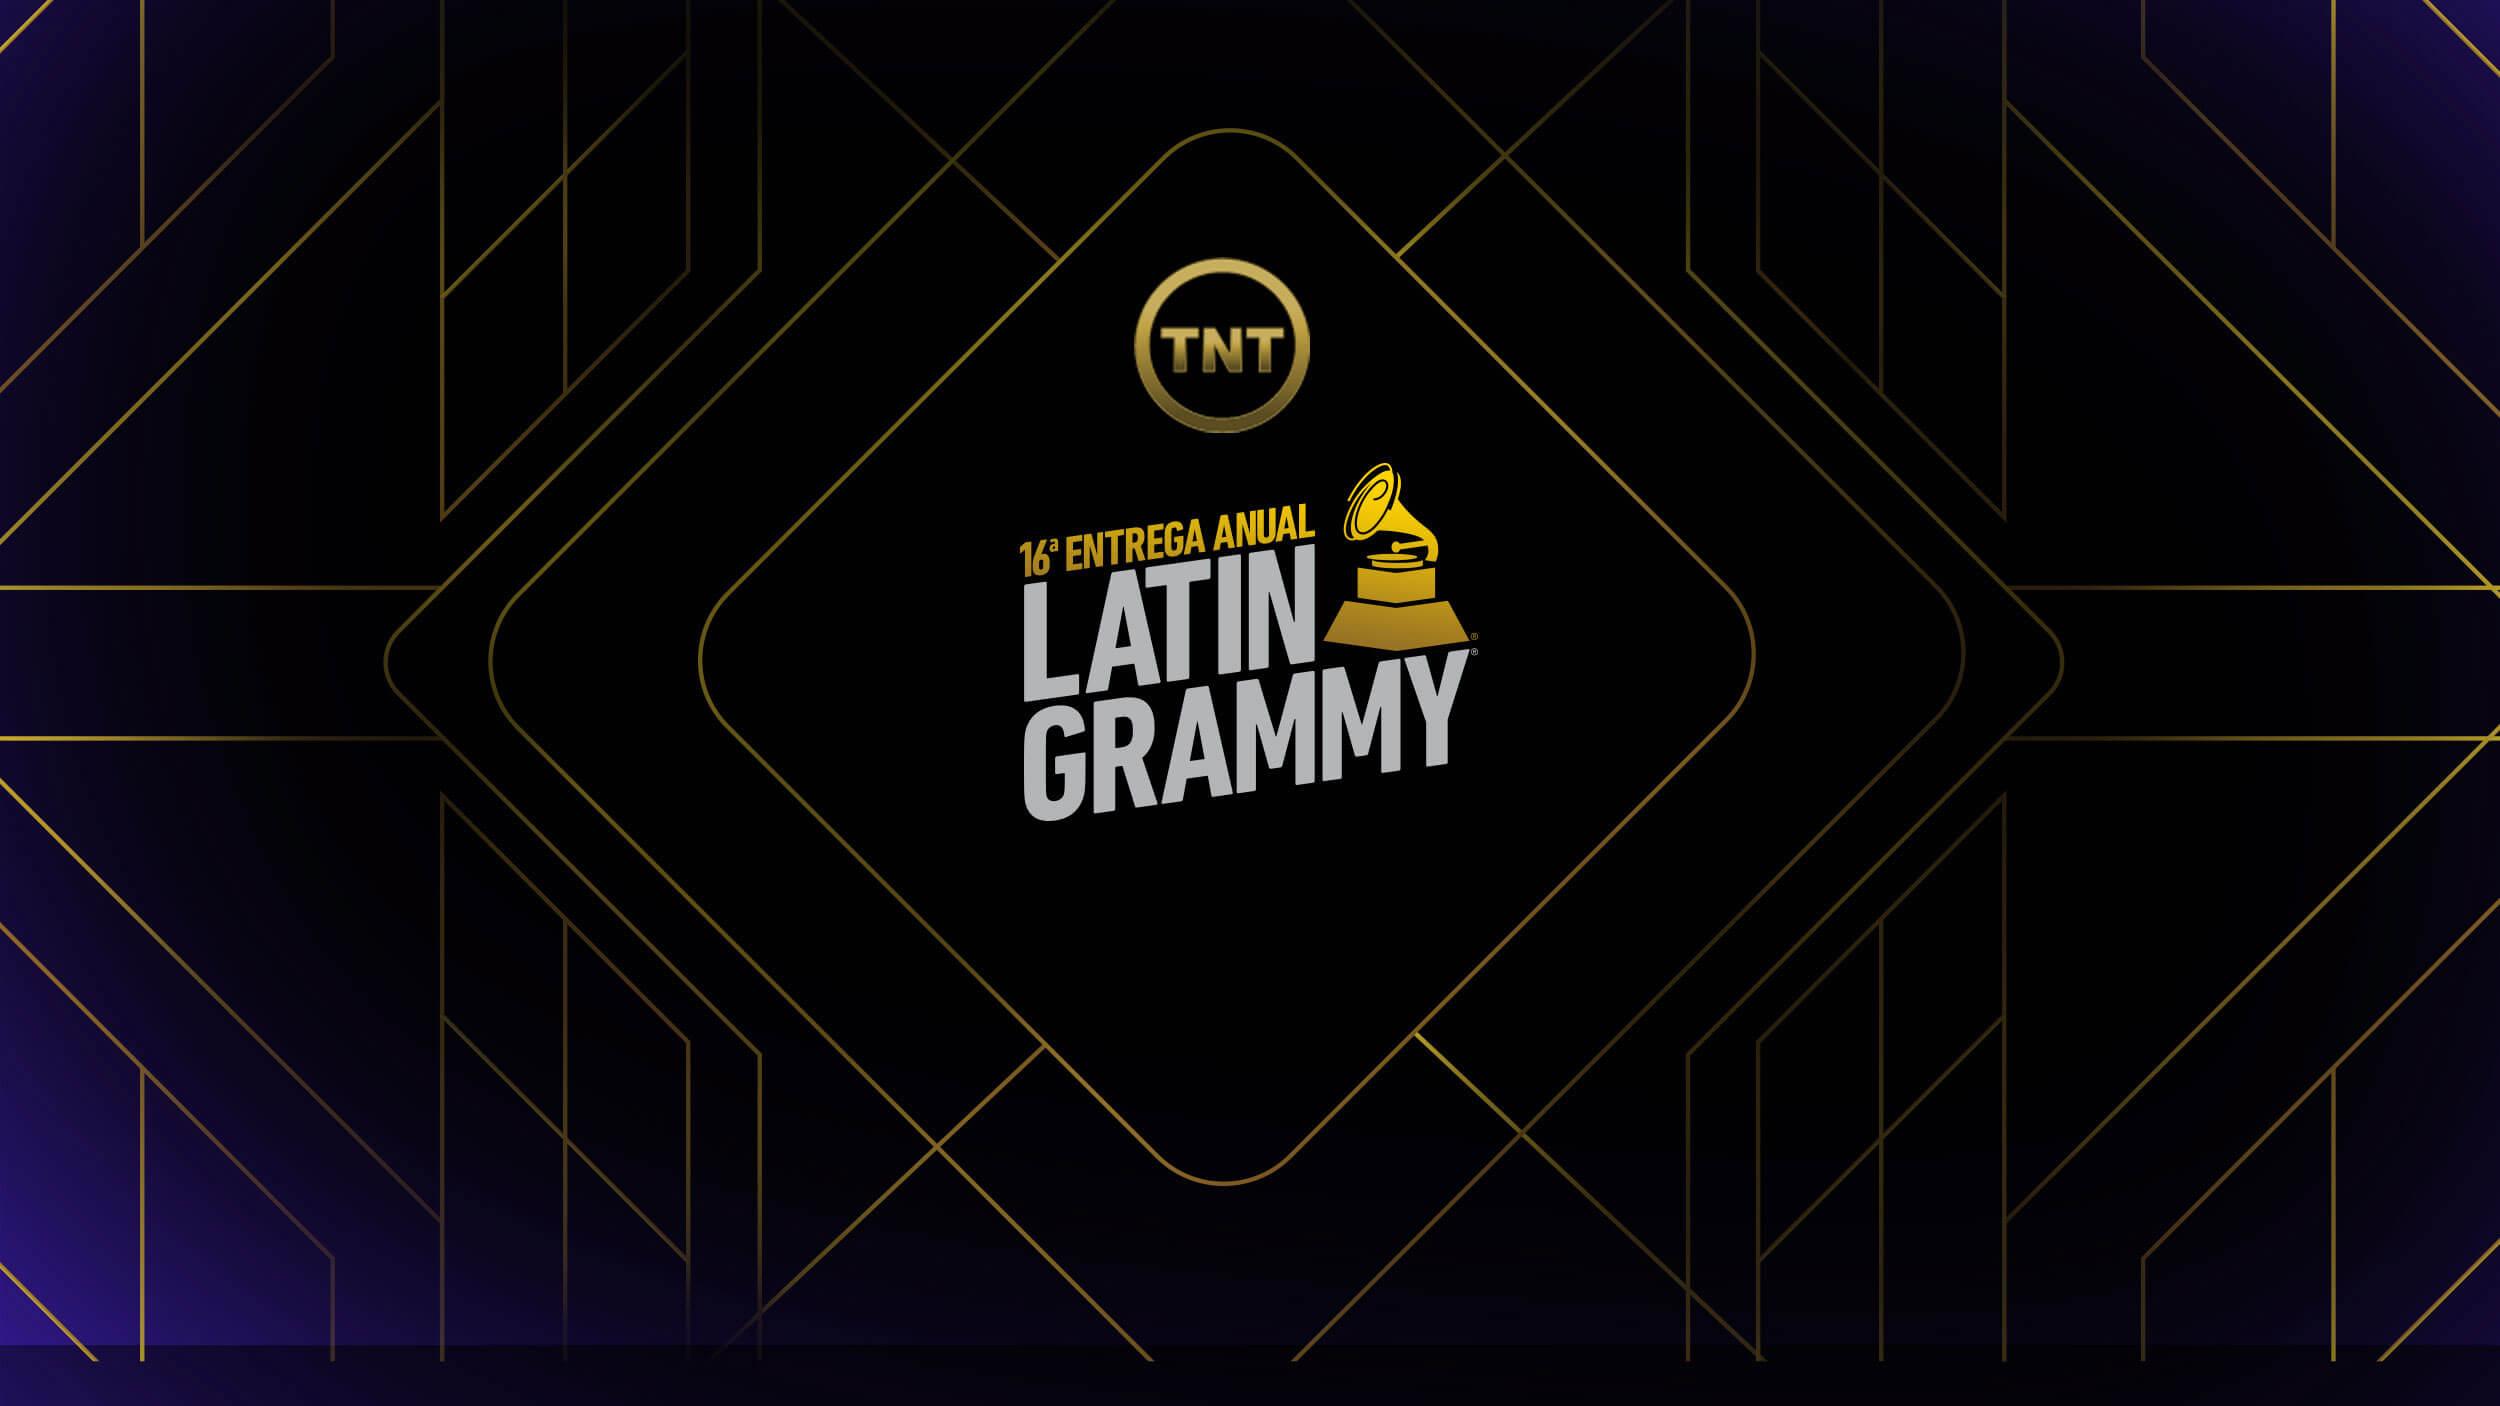 Fotos y lista de ganadores Latin Grammy 2012